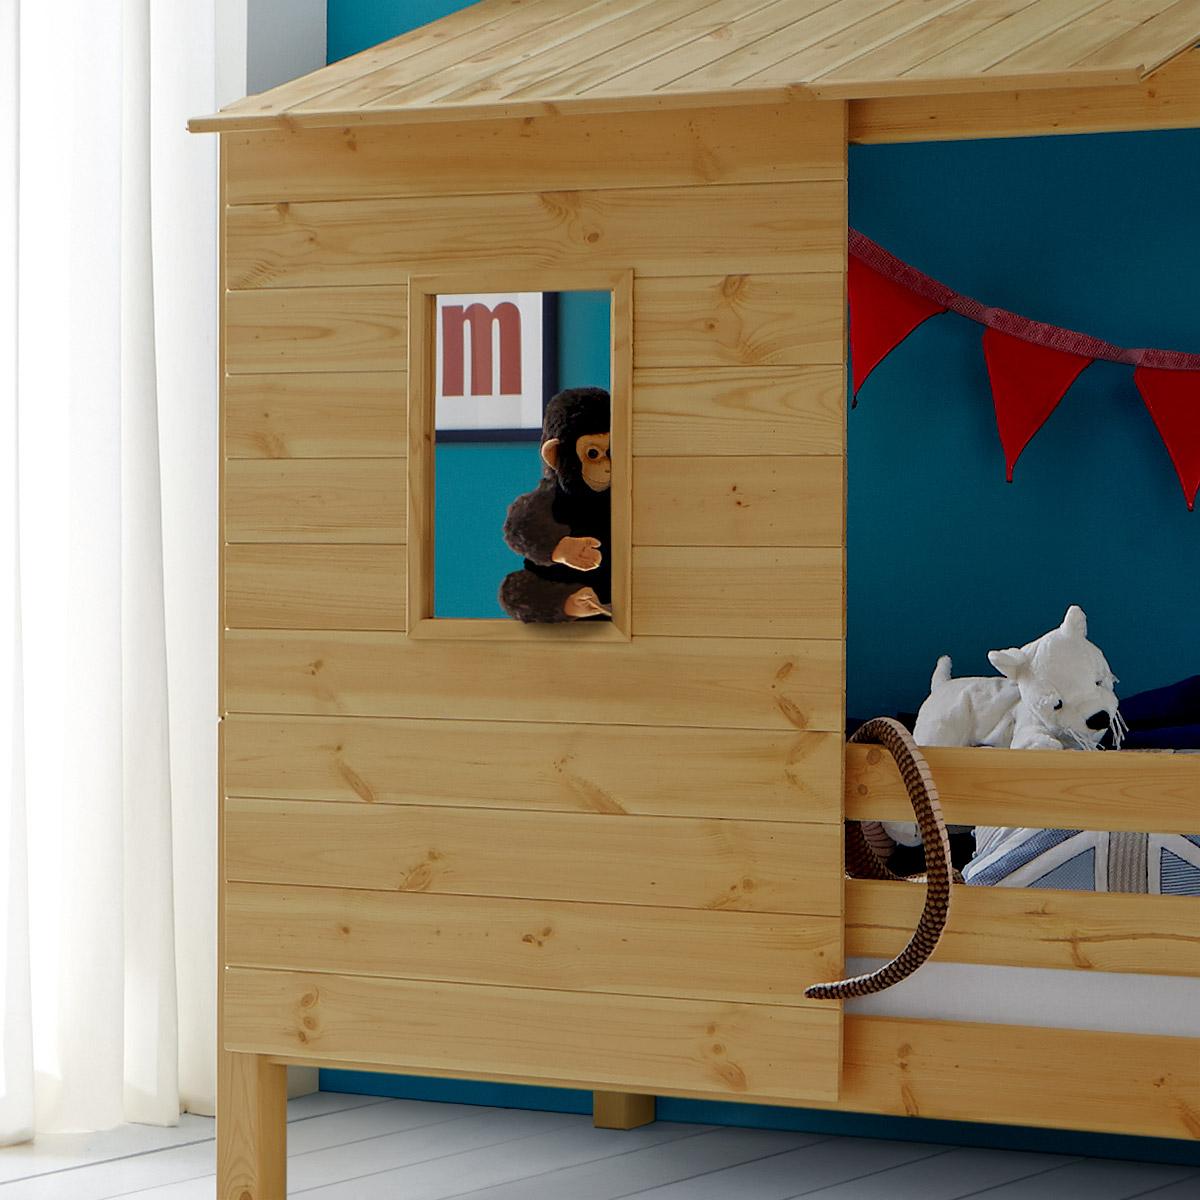 Das Spielhaus Mit Eingebautem Fenster, Hier In Oberflächen Variante  Gelaugt/geölt.